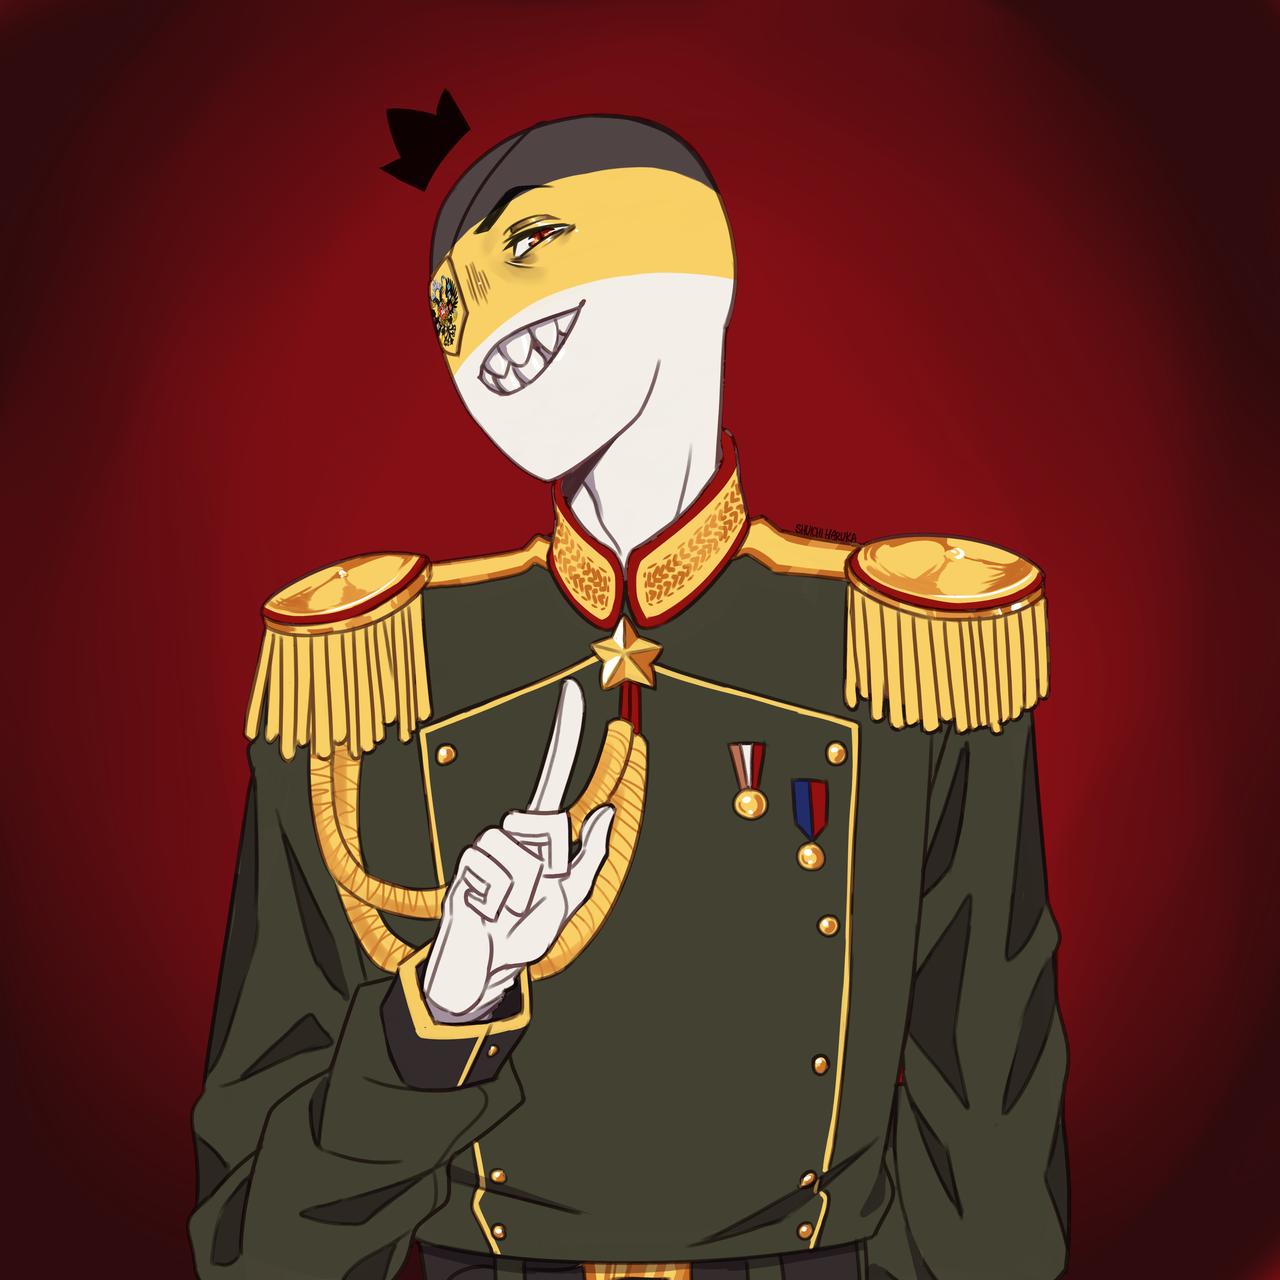 #russianempire Tumblr posts - Tumbral.com